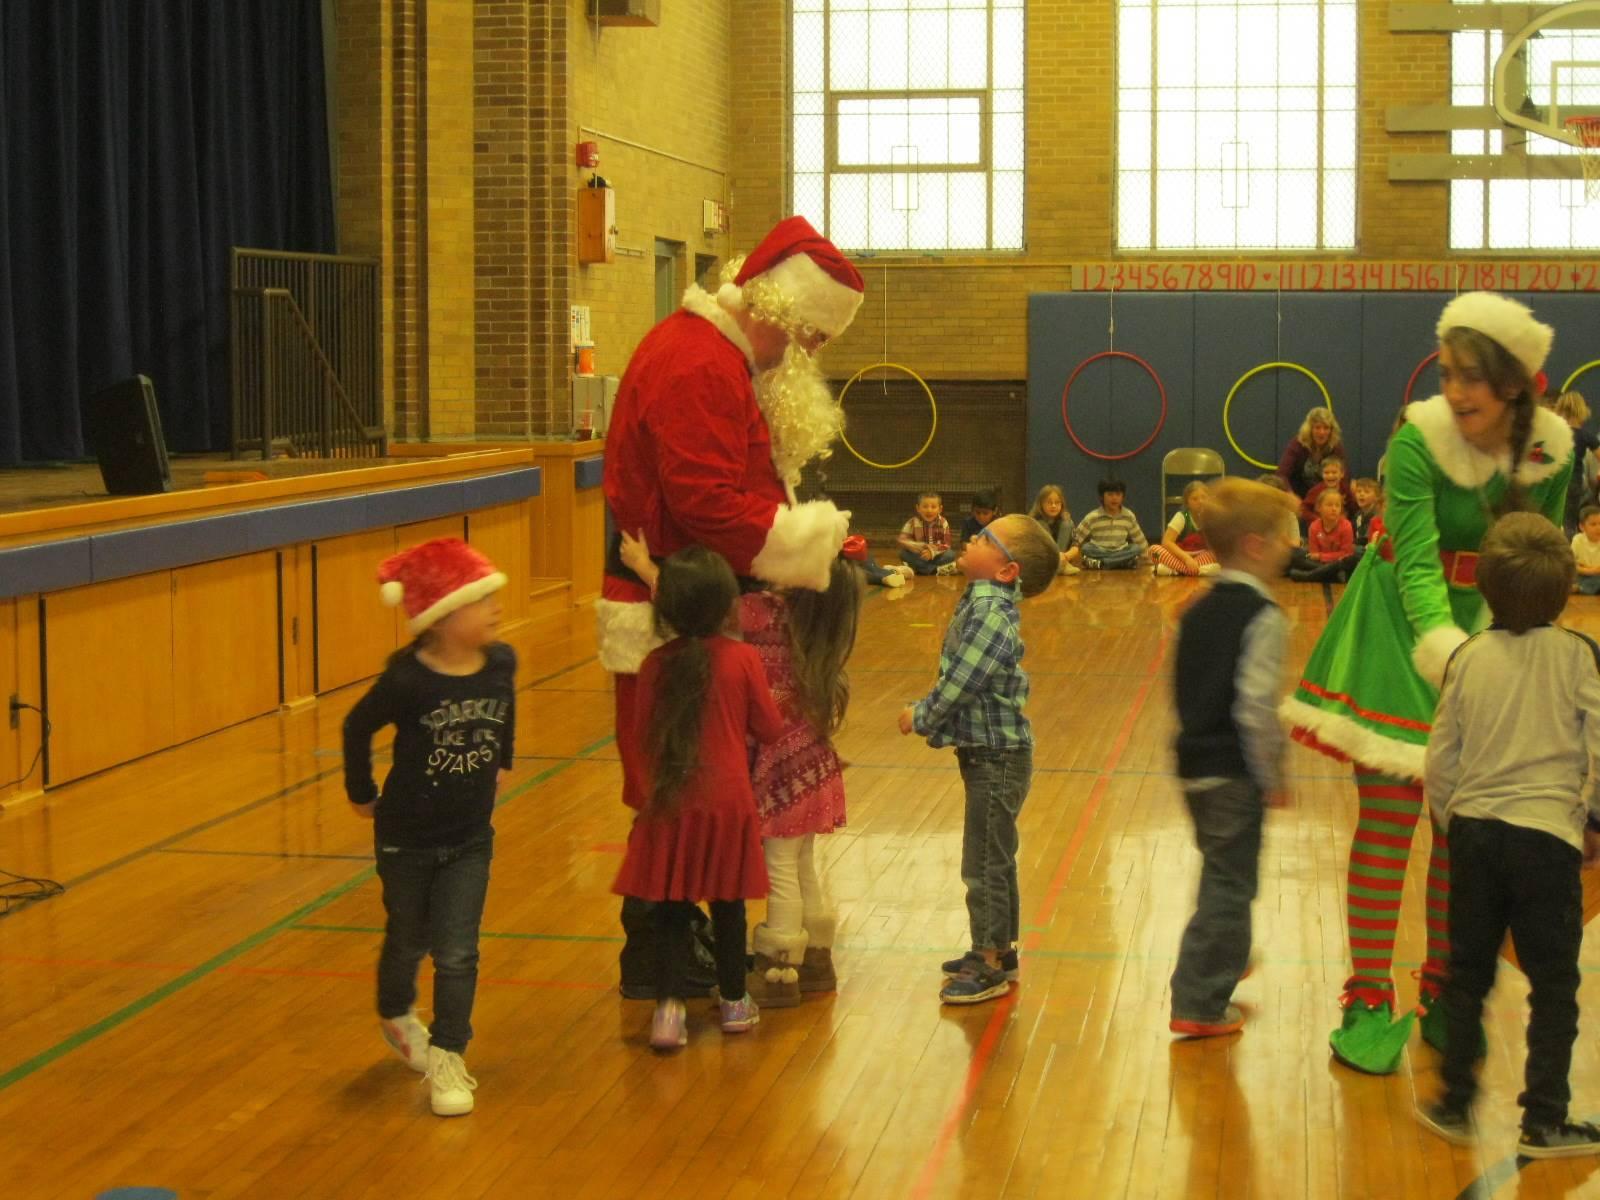 Santa gives a gift to kids.